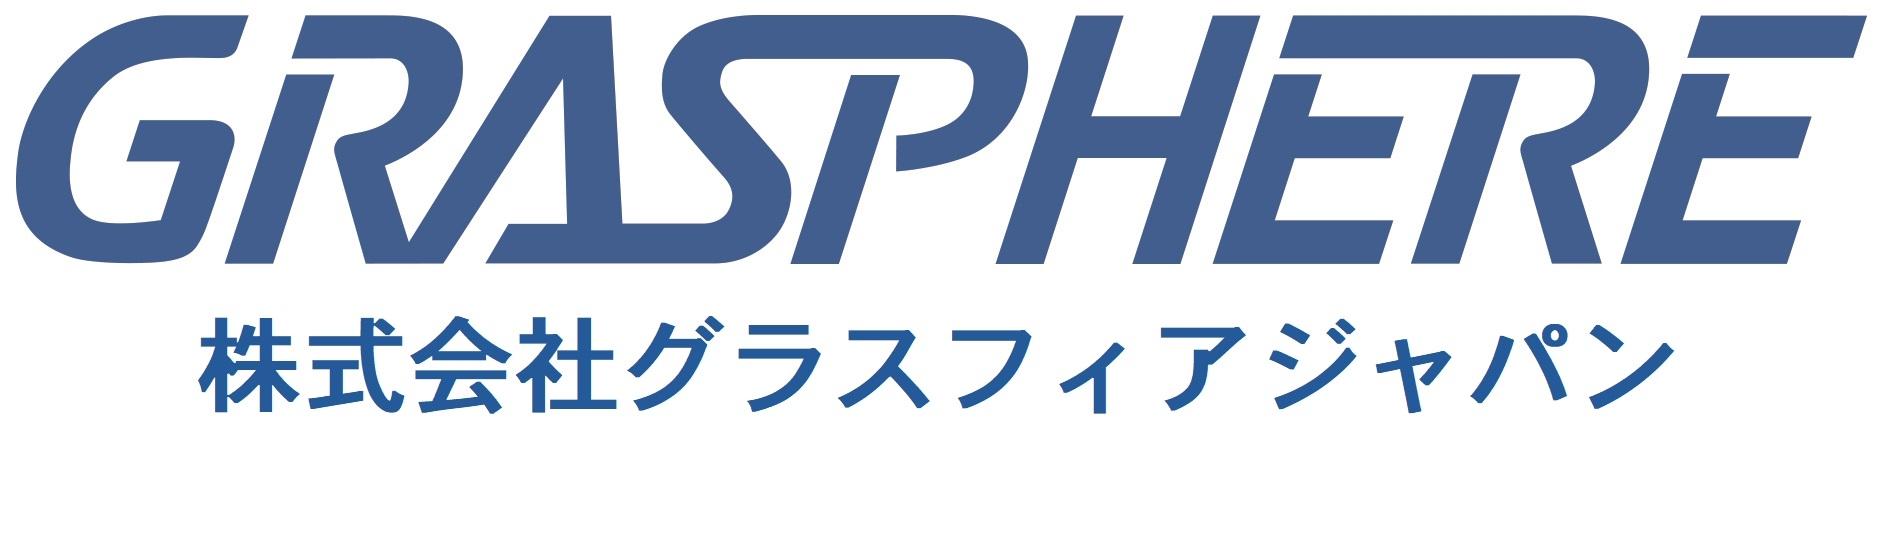 grasphere_logo_Japanese.jpg